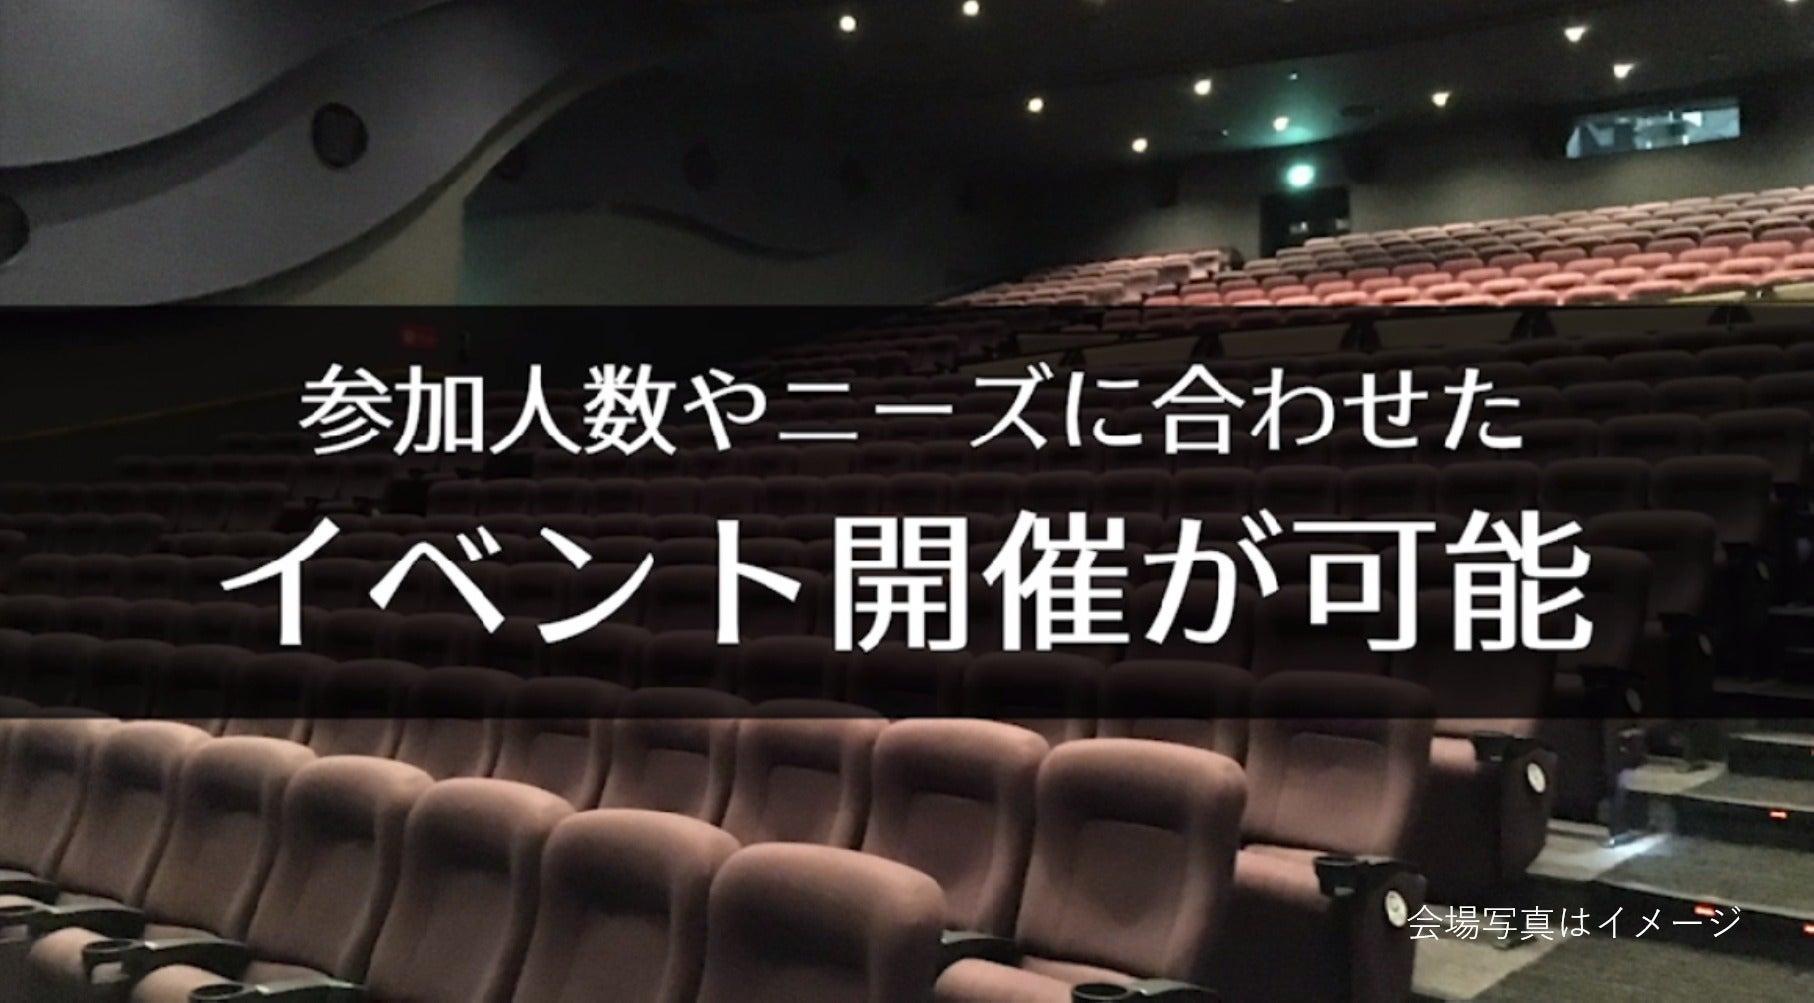 【新潟 75席】映画館で、会社説明会、株主総会、講演会の企画はいかがですか?